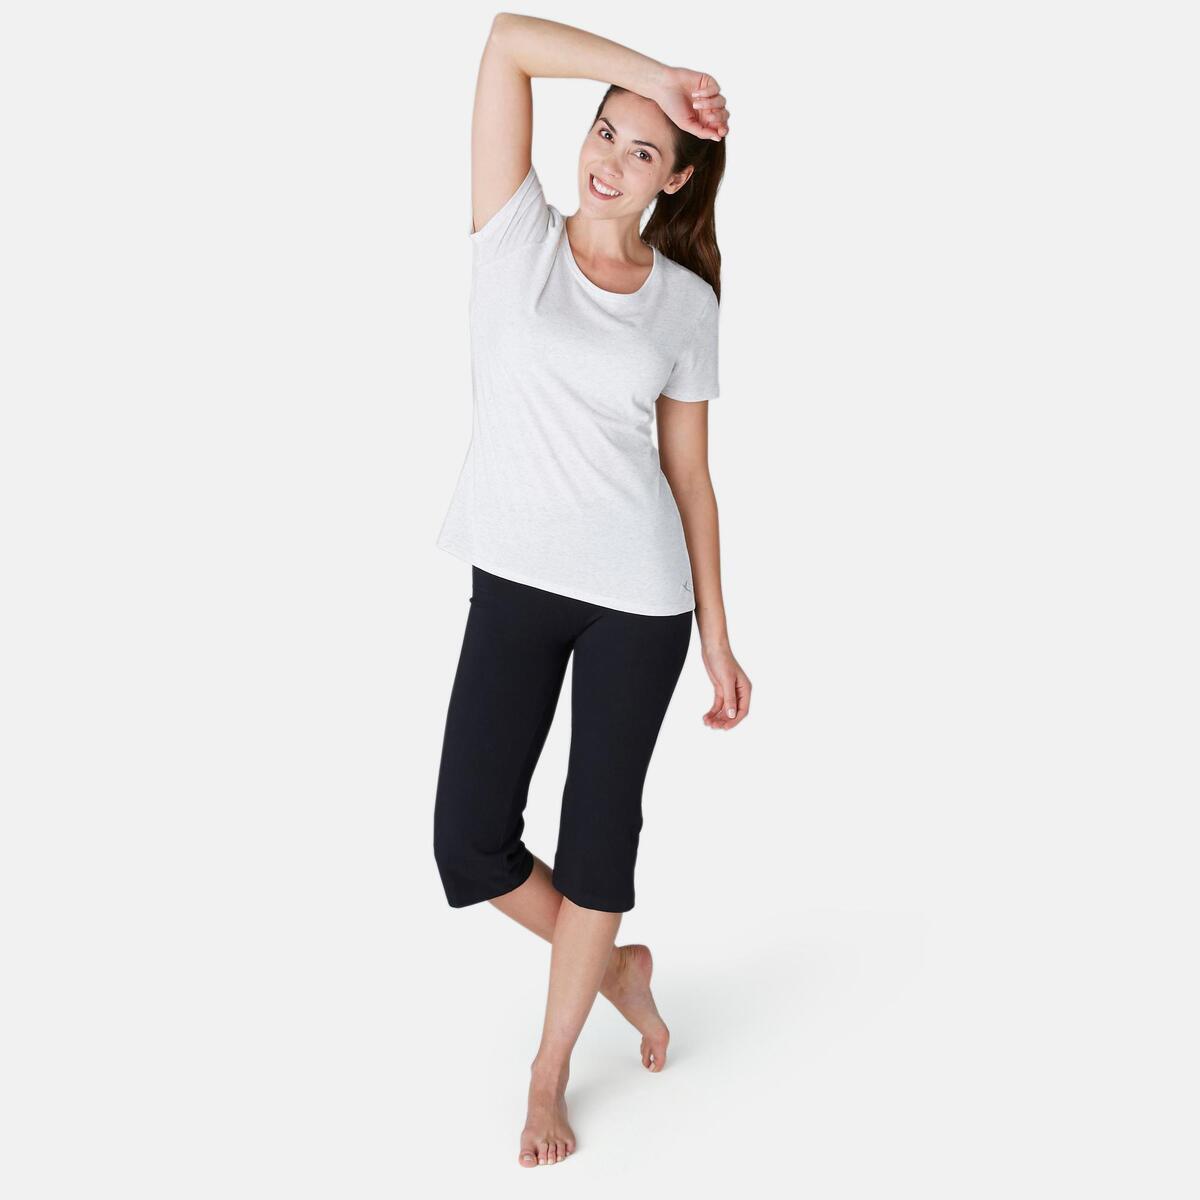 Bild 3 von 3/4-Hose Fit+ 500 Regular Gym & Pilates Damen schwarz